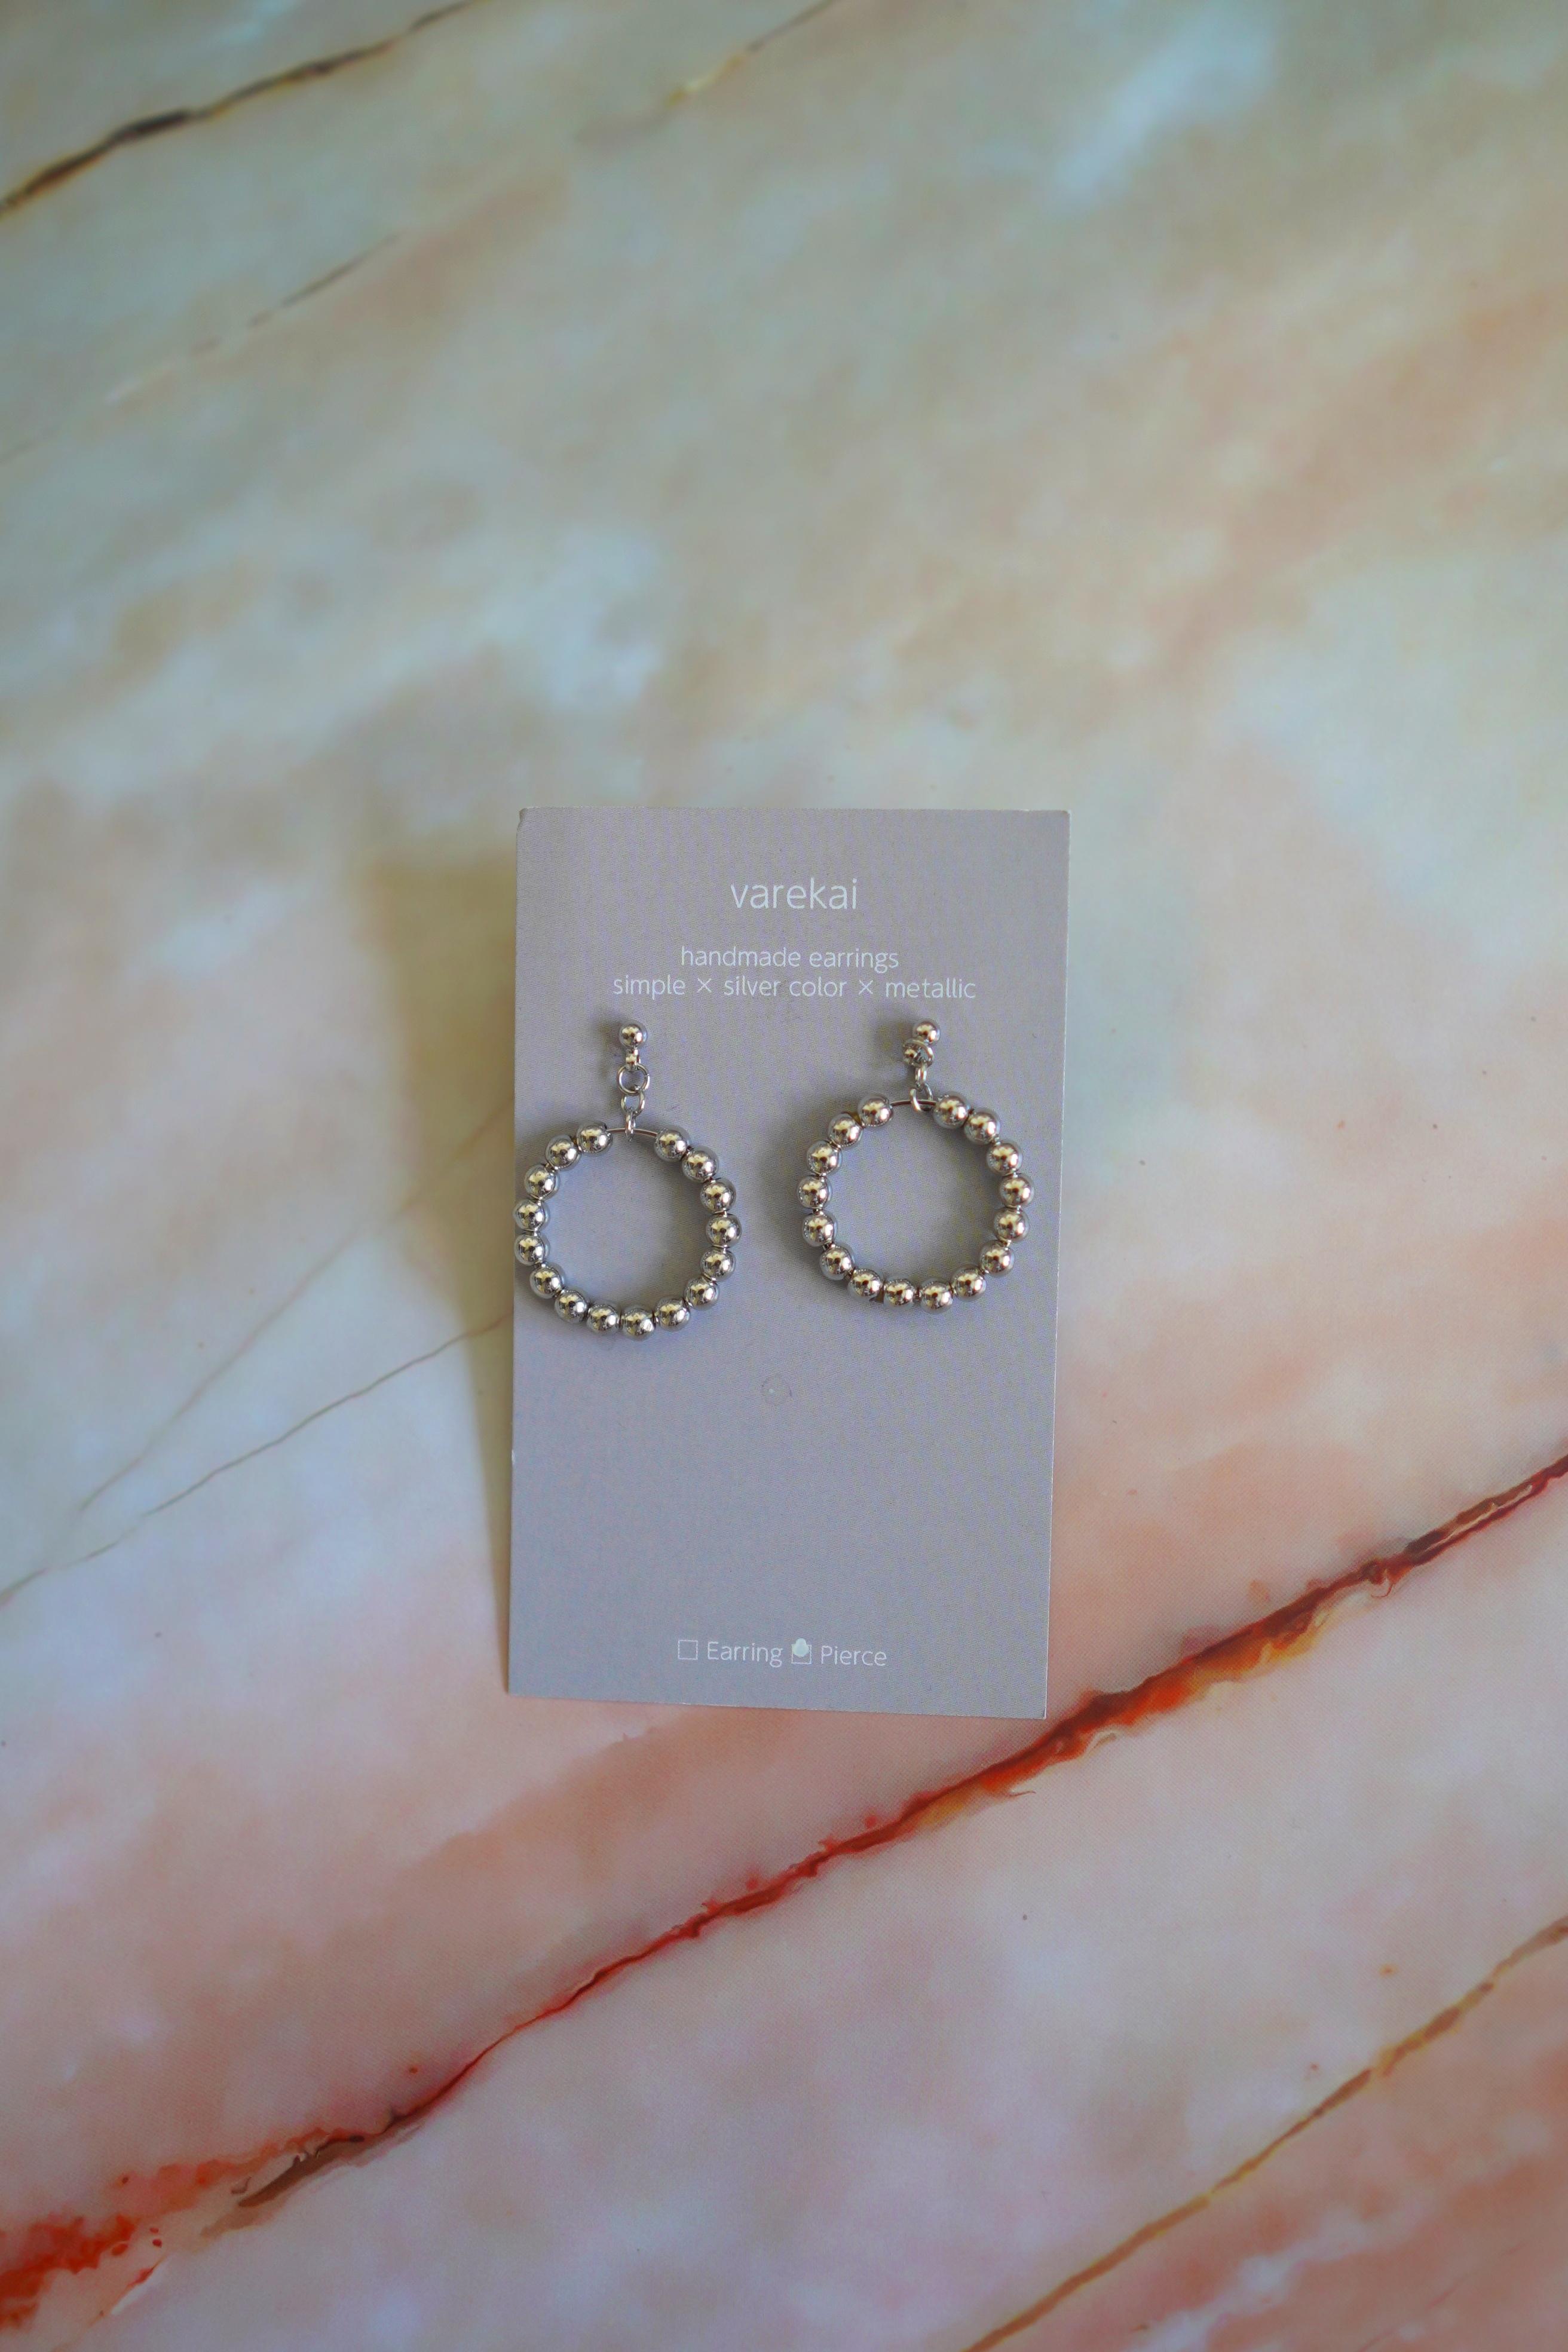 varekai   earring/ pierce